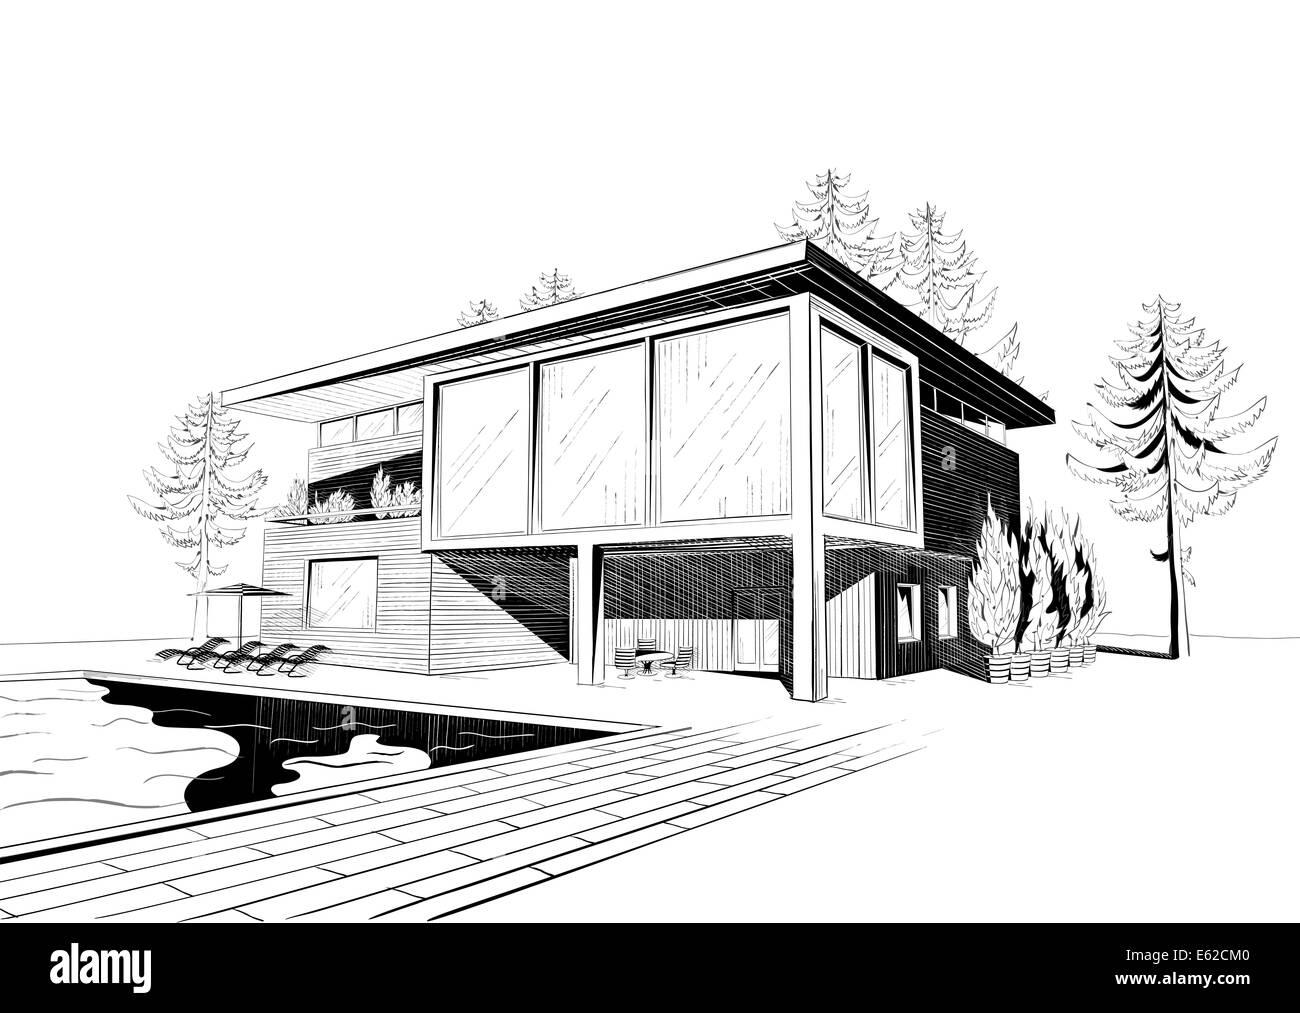 Dibujo En Blanco Y Negro De Suburbana Moderna Casa De Madera Con